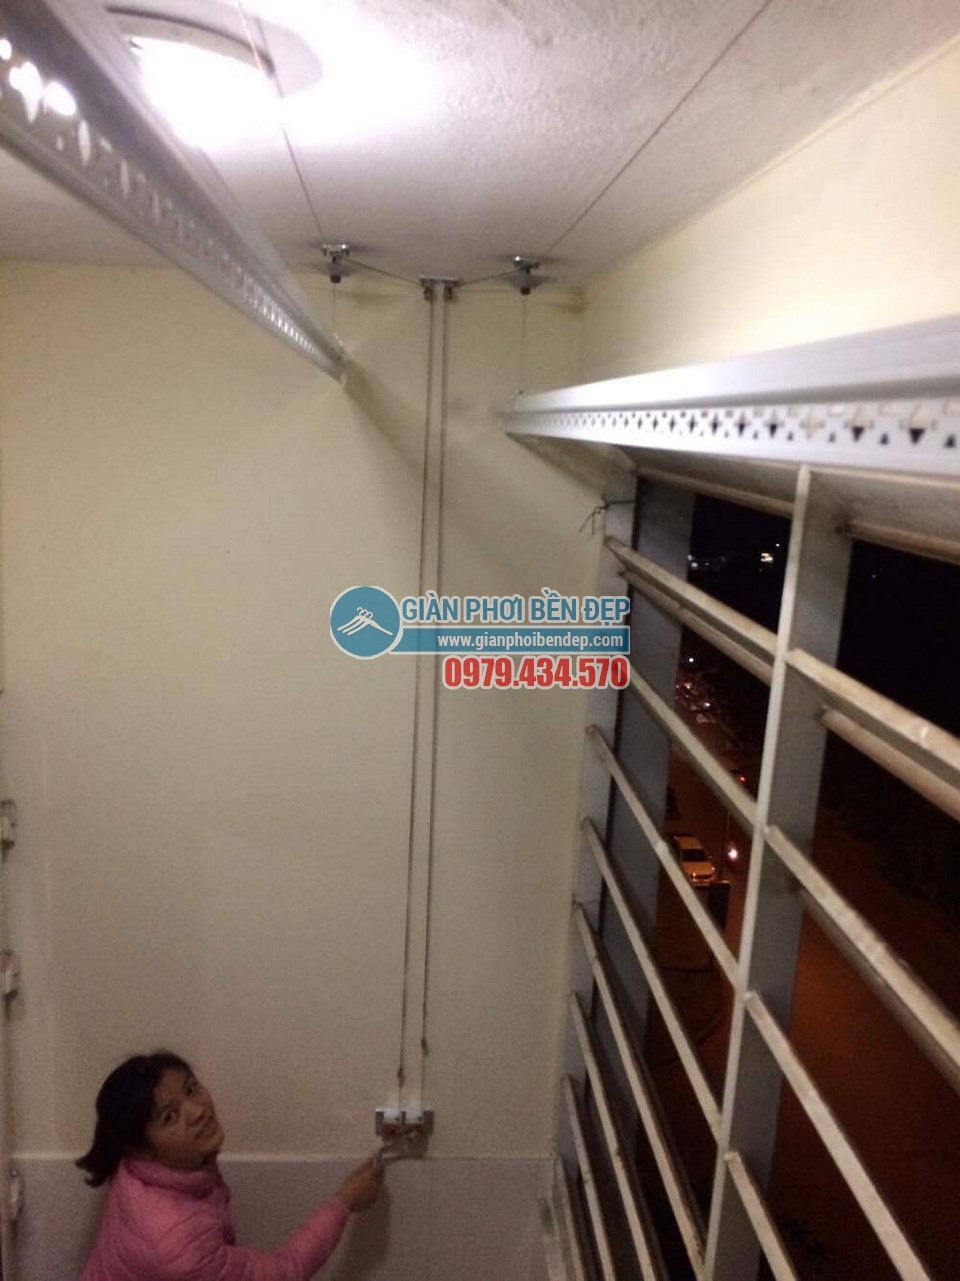 Hoàn thiện lắp đặt giàn phơi thông minh tại nhà chị Hương, chung cư CT6 Đặng Xá - 03